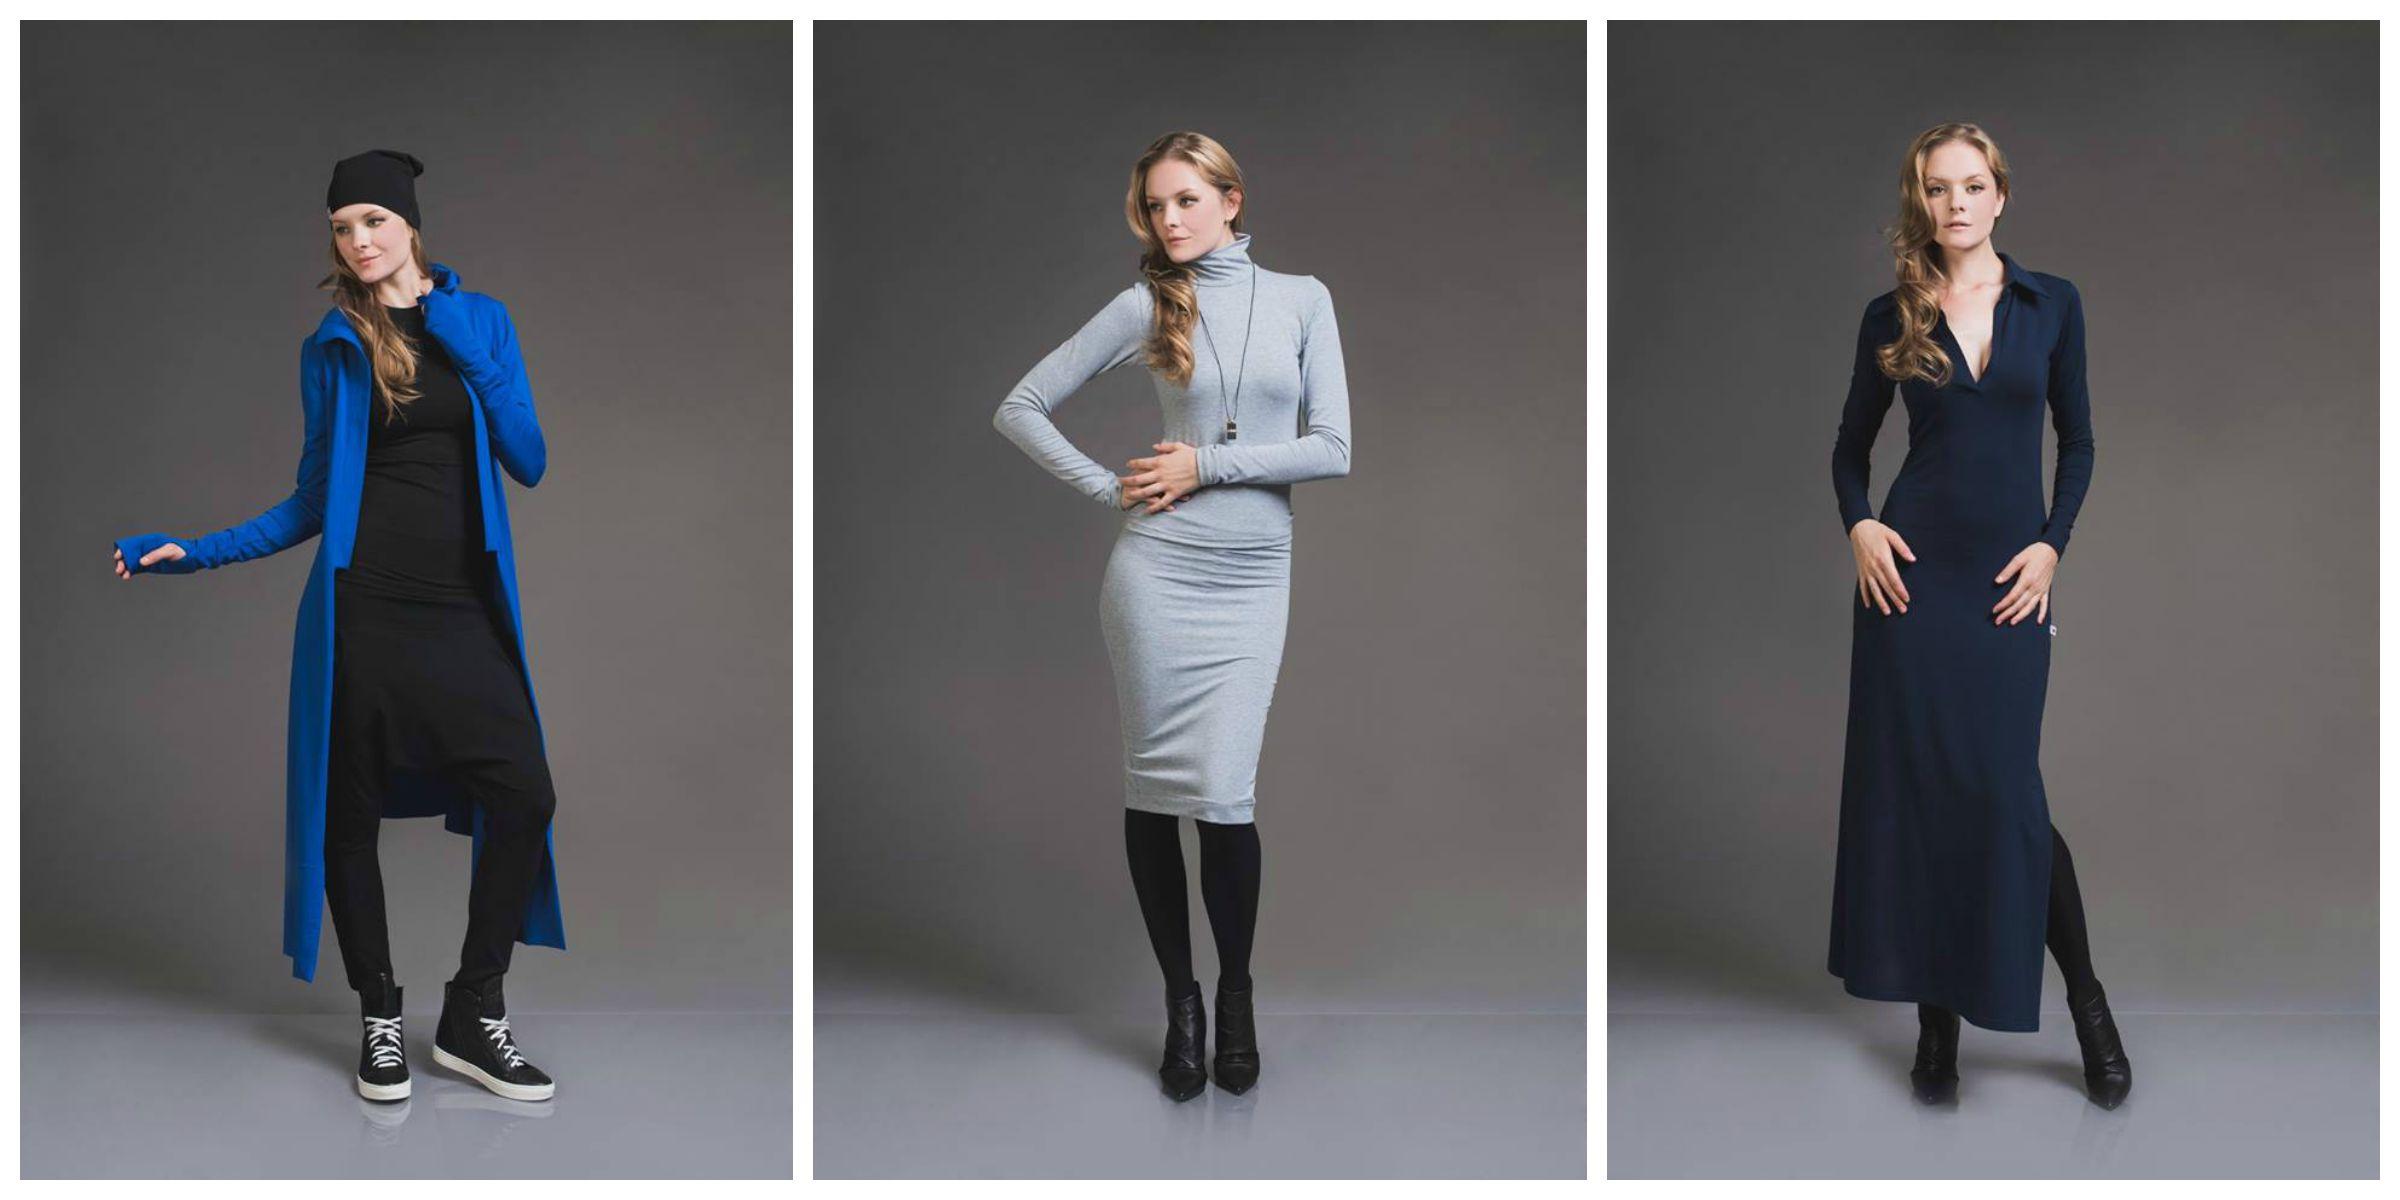 Őszi divat - Nőies és sportos vonalak - PandArte f300fc26c8